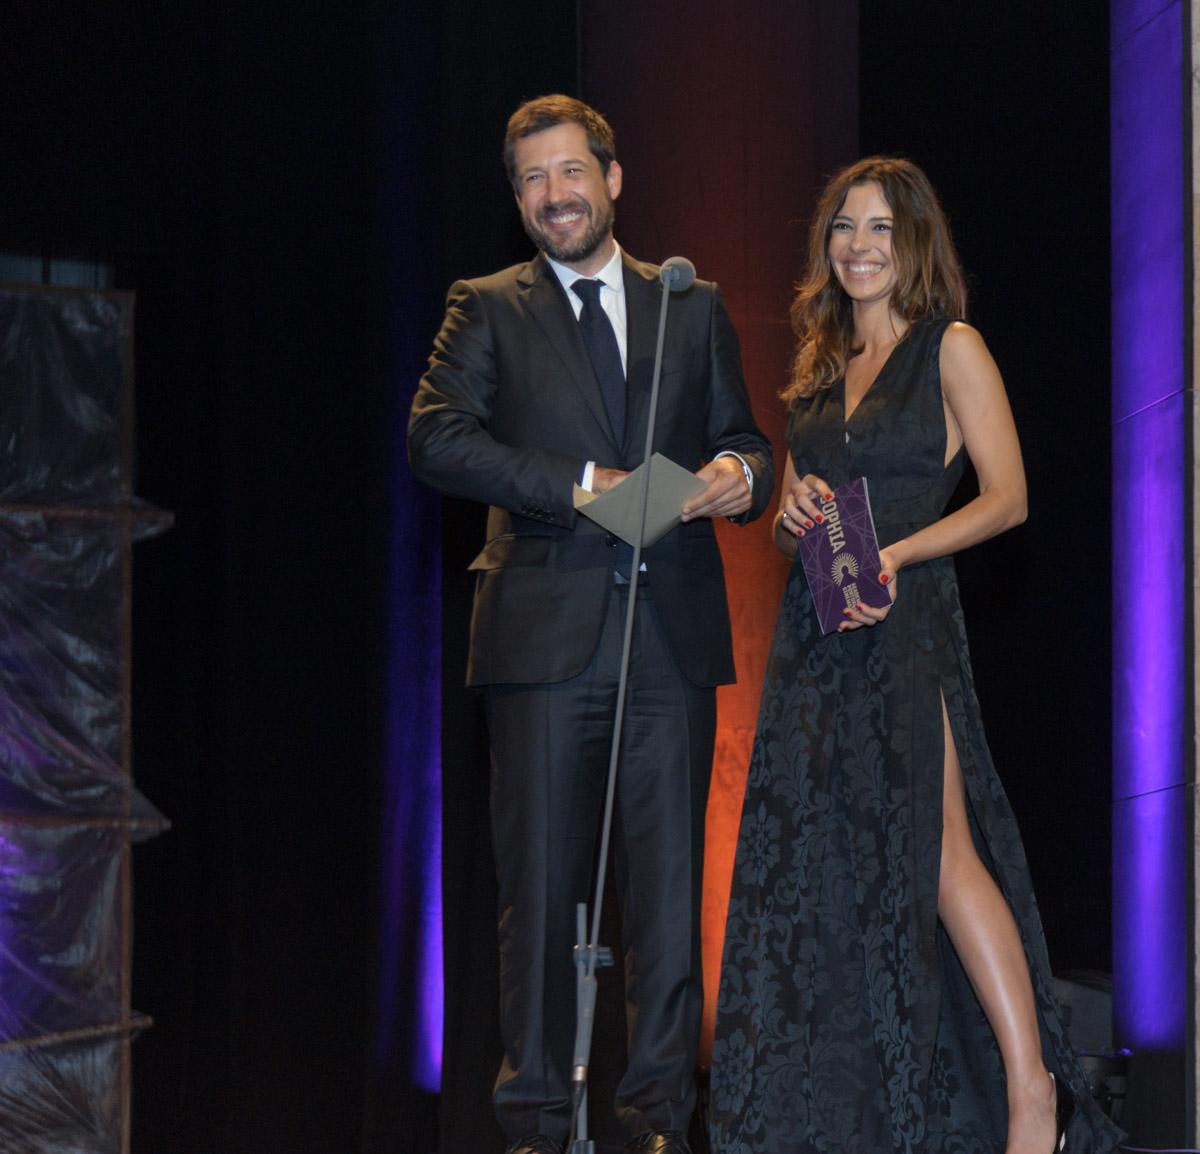 Teresa Tavares e Filipe Vargas